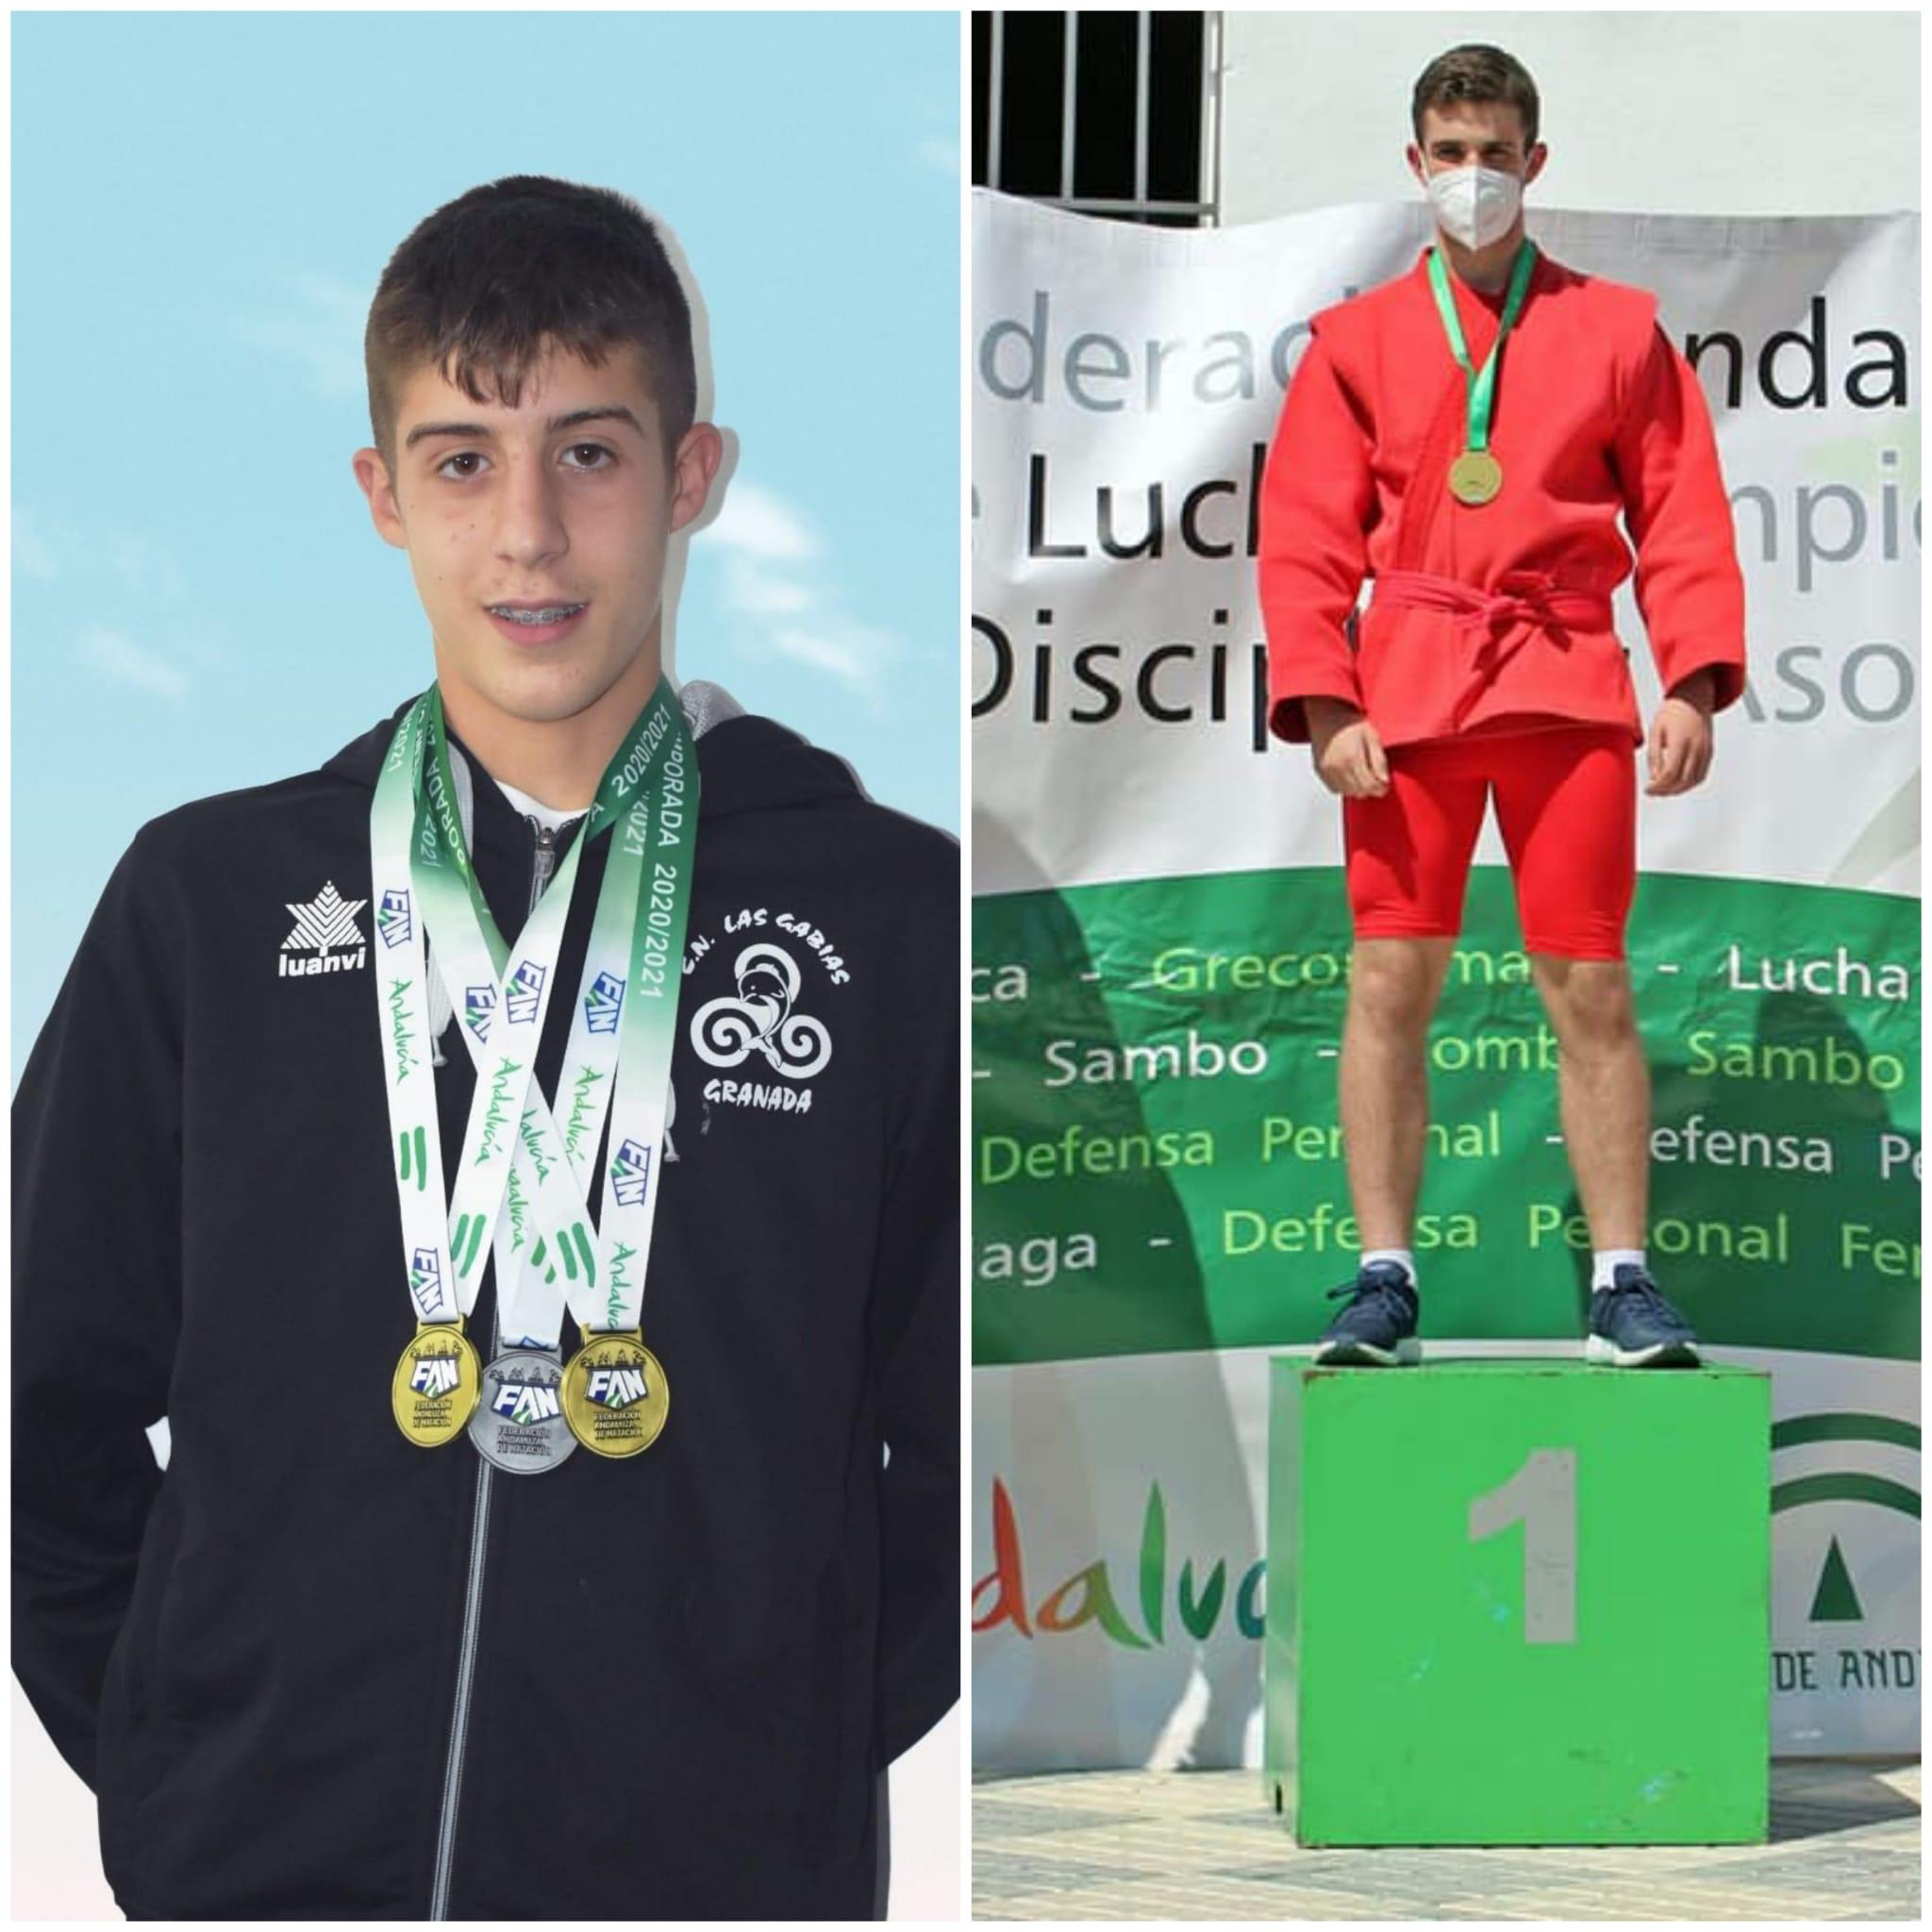 Los culleros Jorge Gómez y Hugo Molina, campeones de Andalucía en lucha sambo y natación estilo mariposa